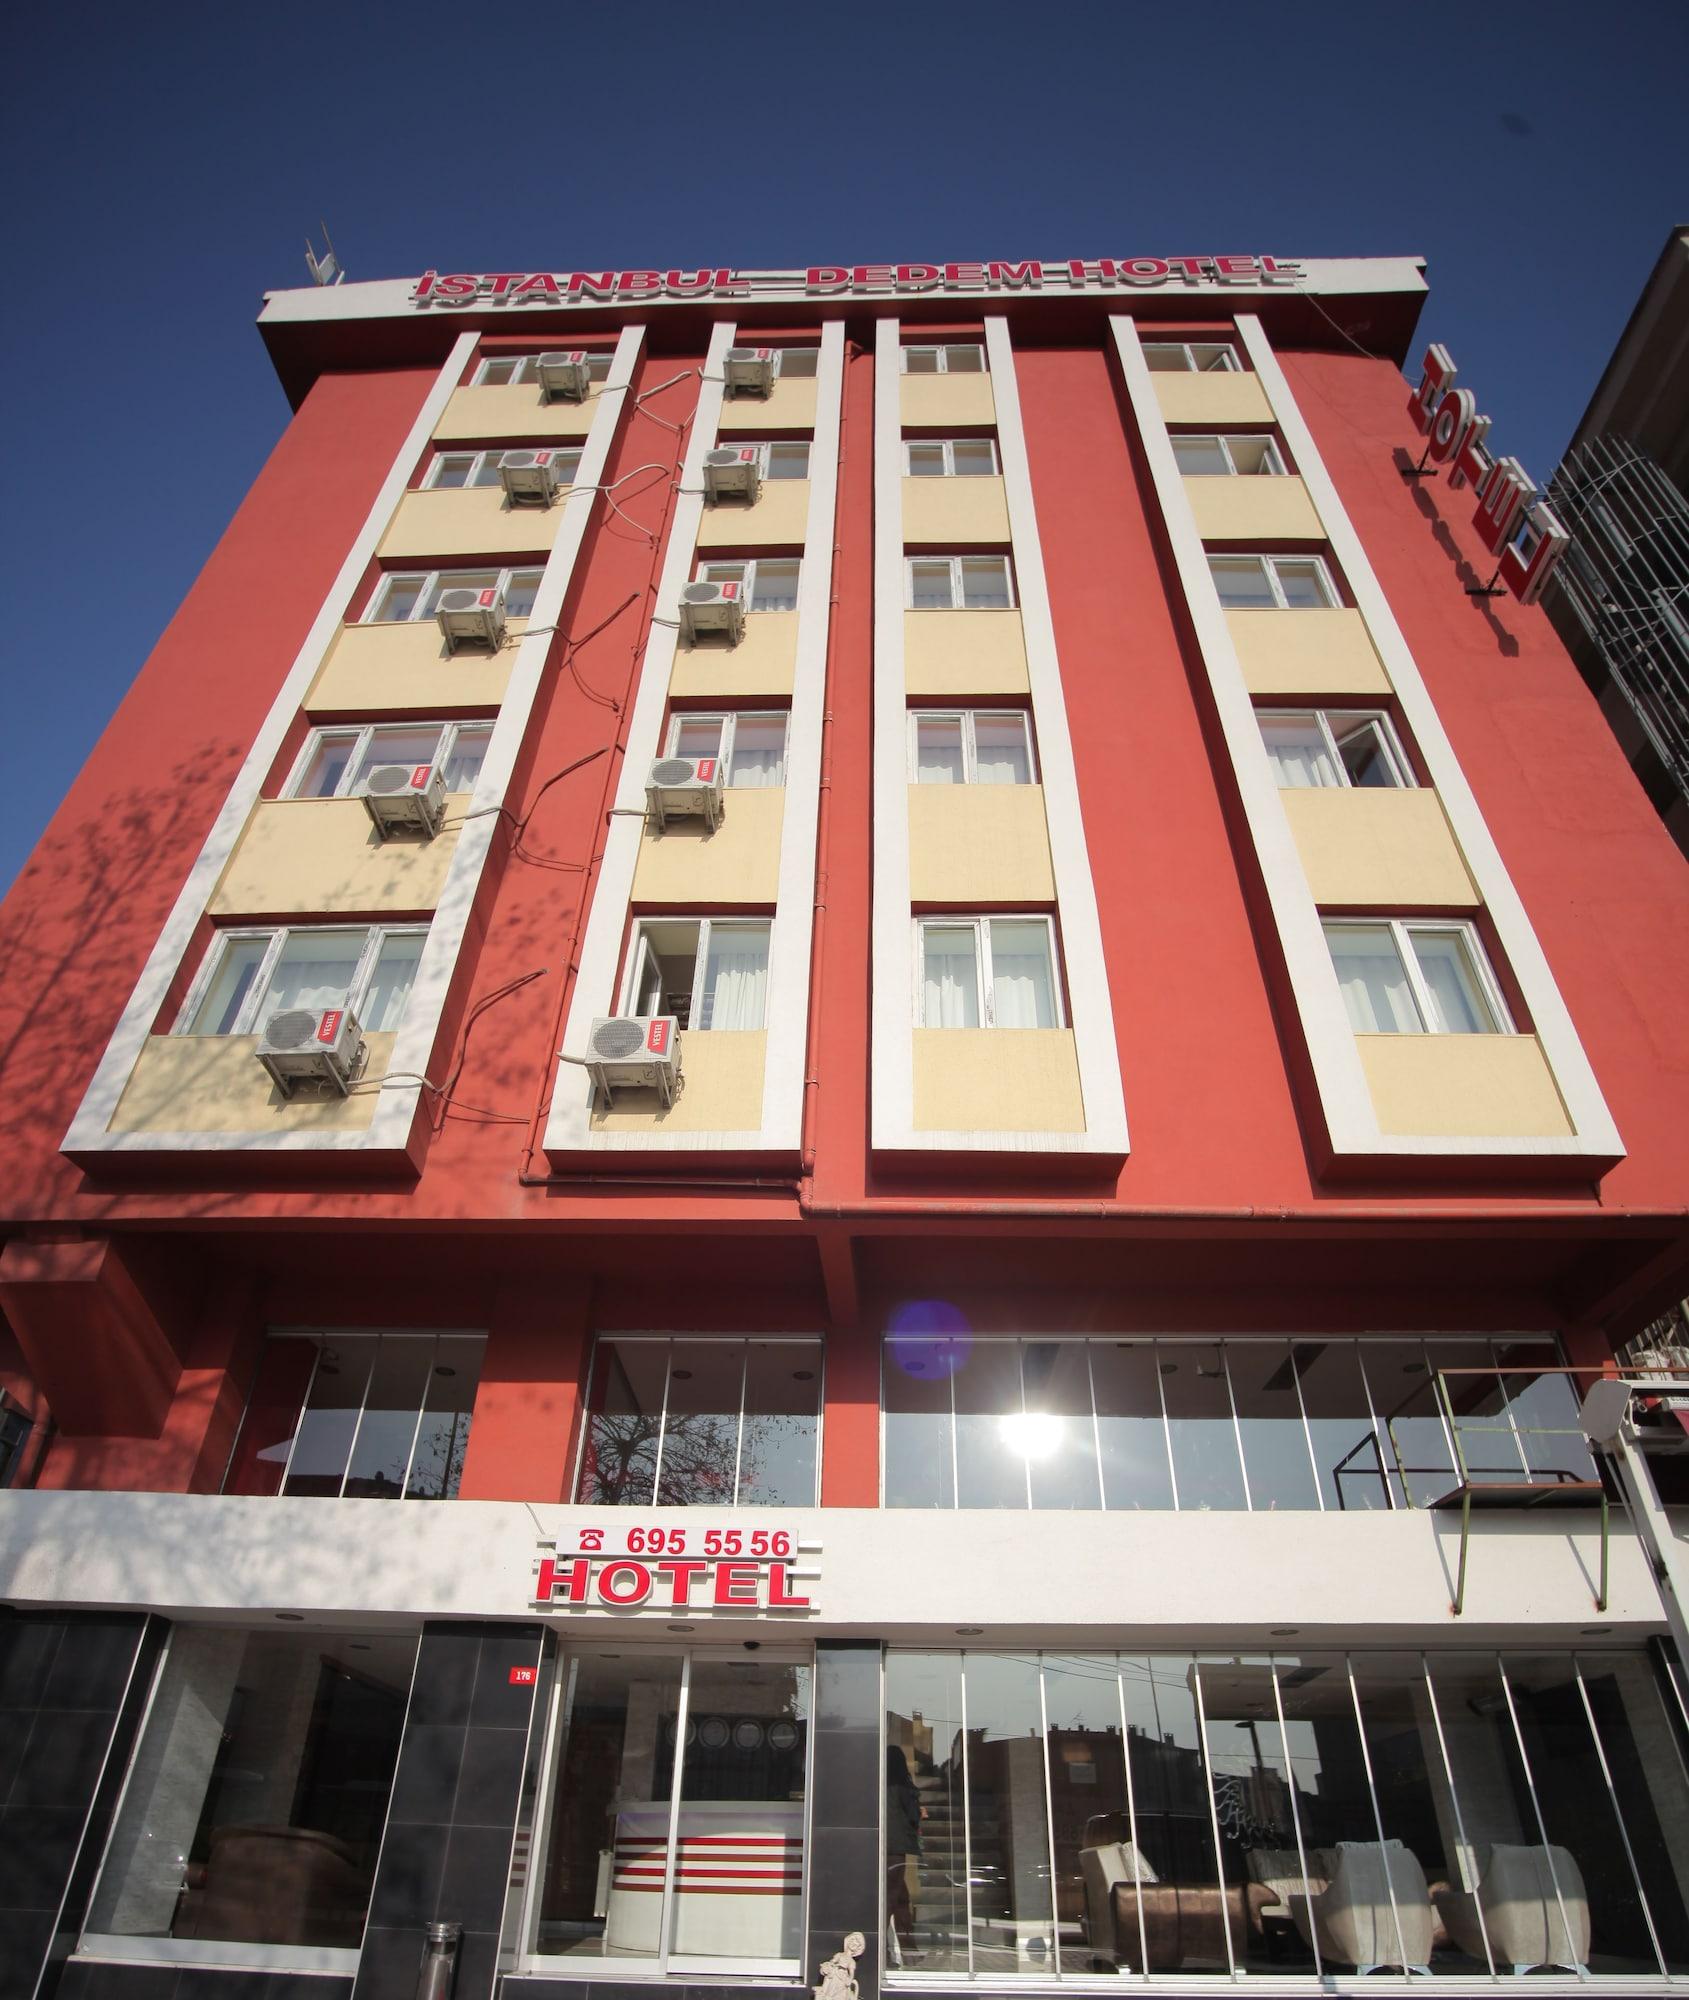 Istanbul Dedem Hotel 1, Avcılar